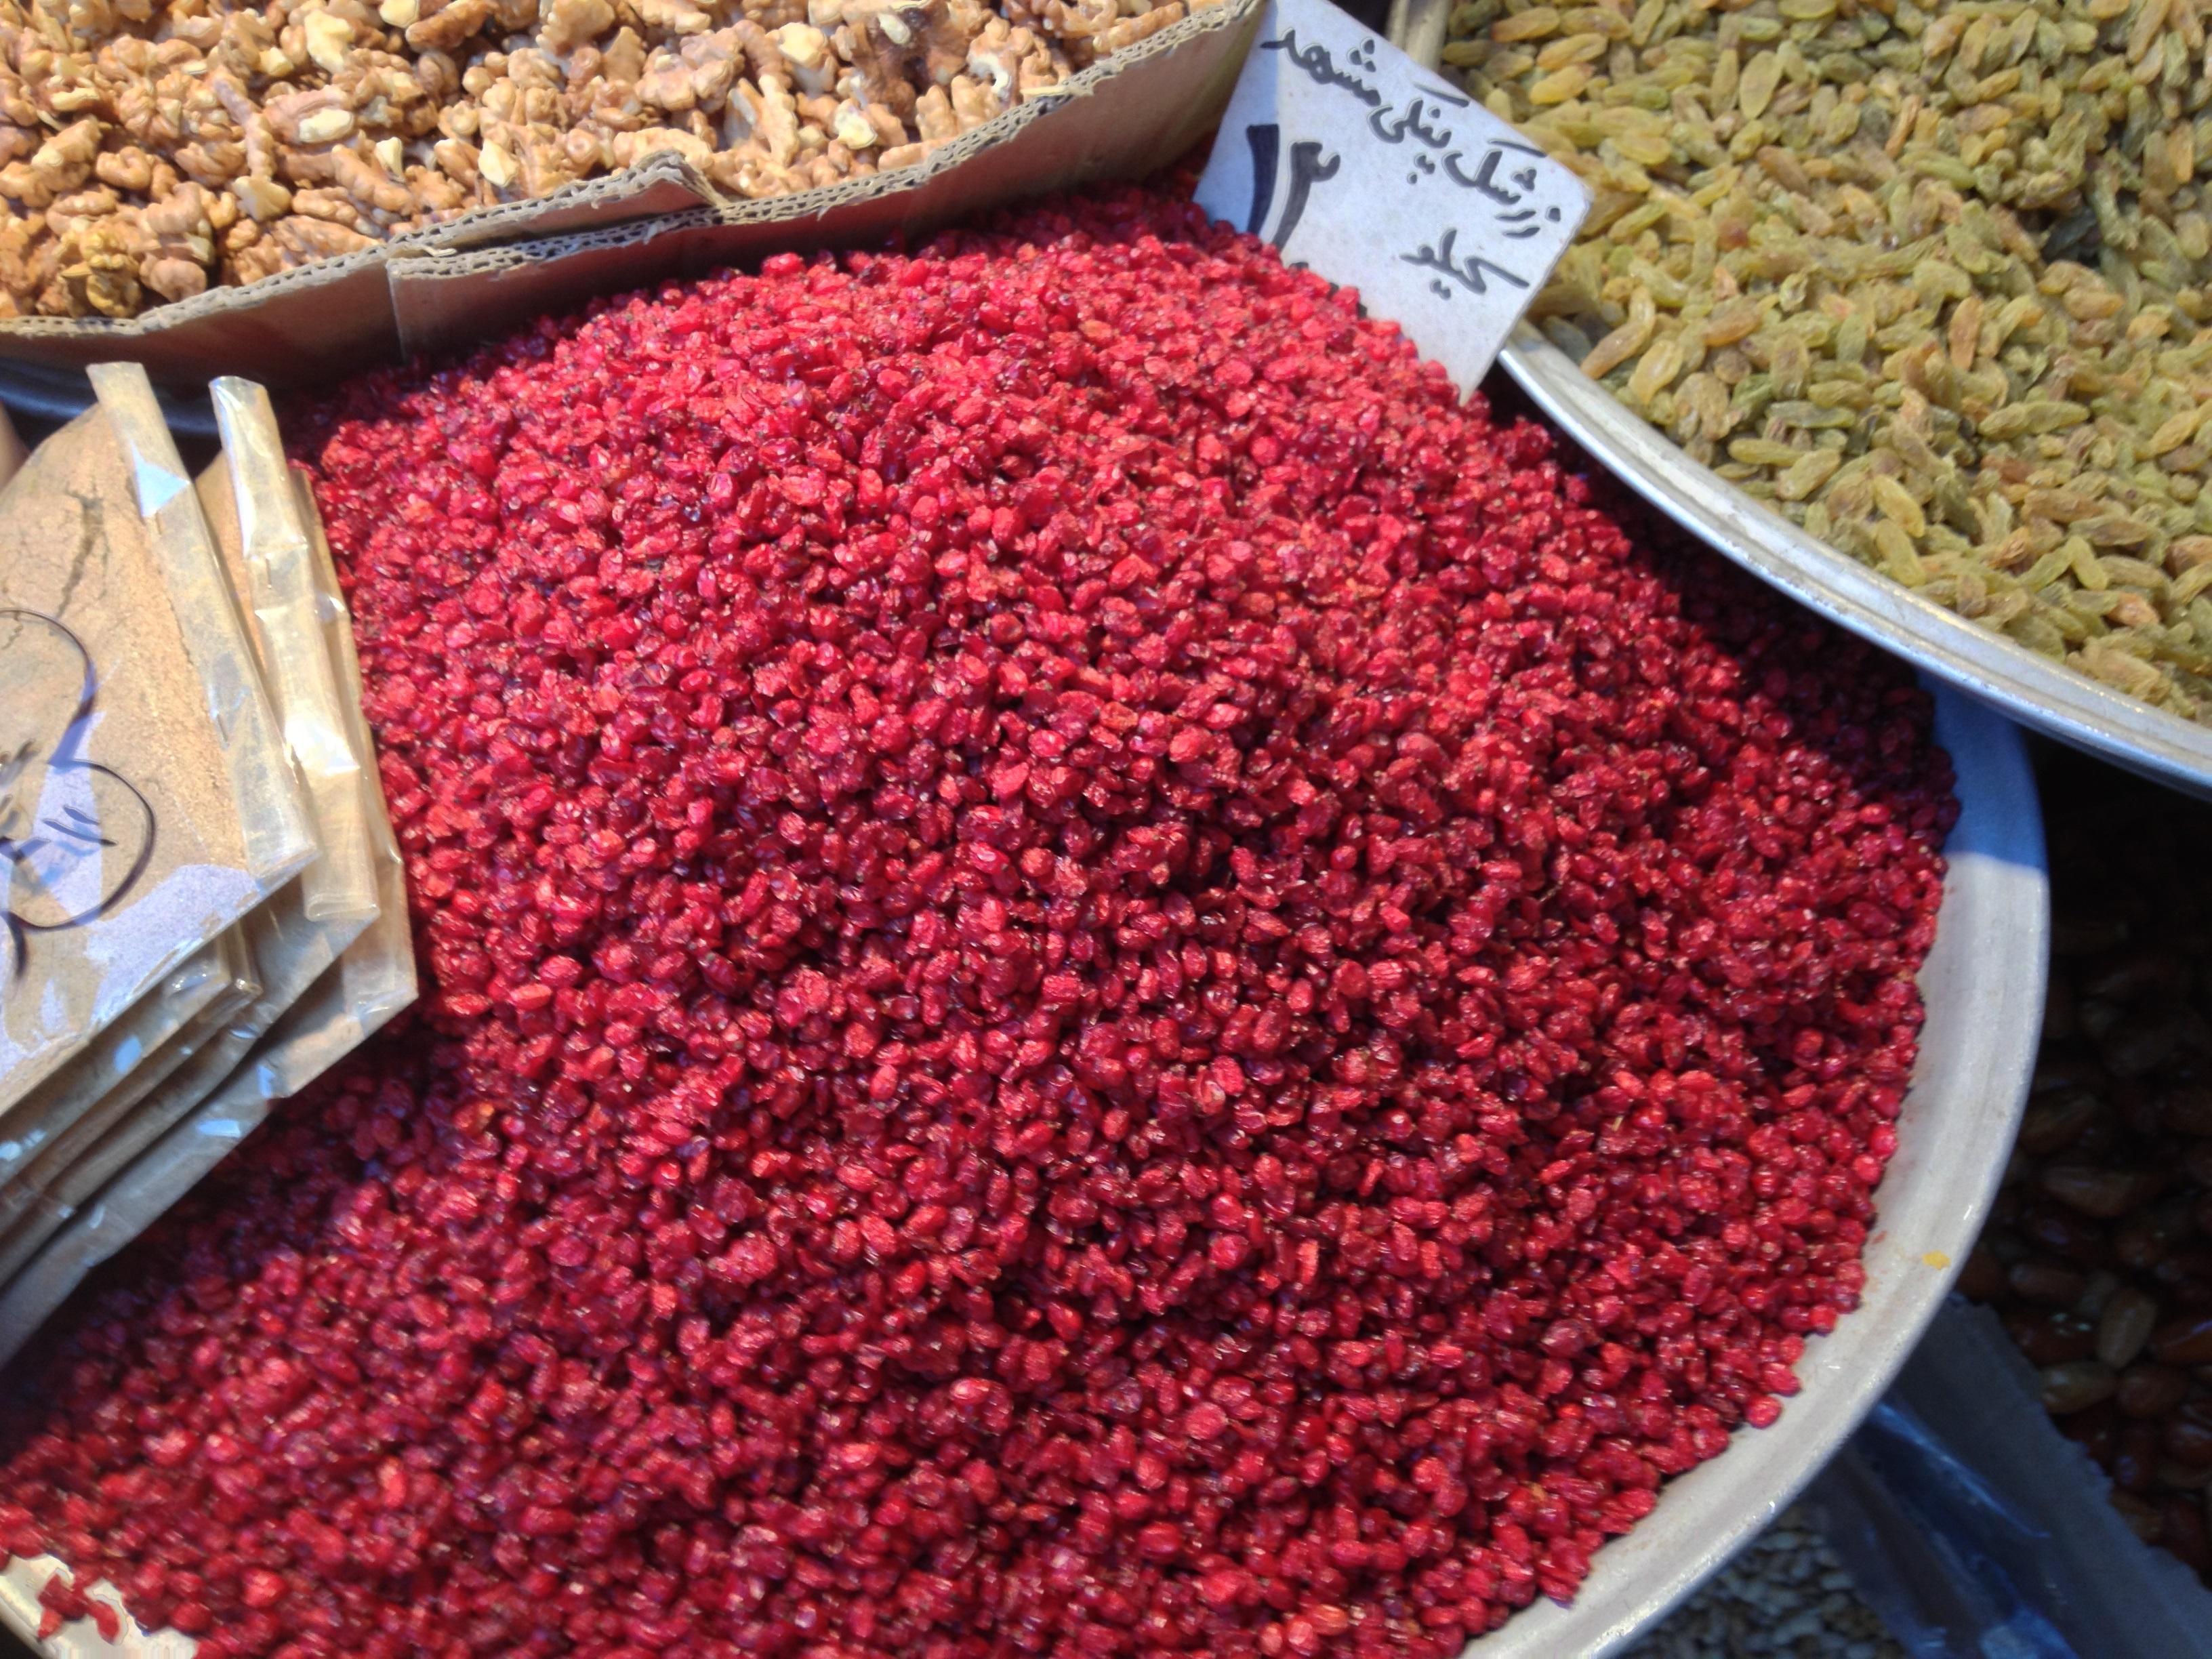 © Dipartimento di Scienze della Vita, Università degli Studi di Trieste<br>by Pier Luigi Nimis<br>Tehran, dried fruits sold in the bazar, Iran, 17/05/2013